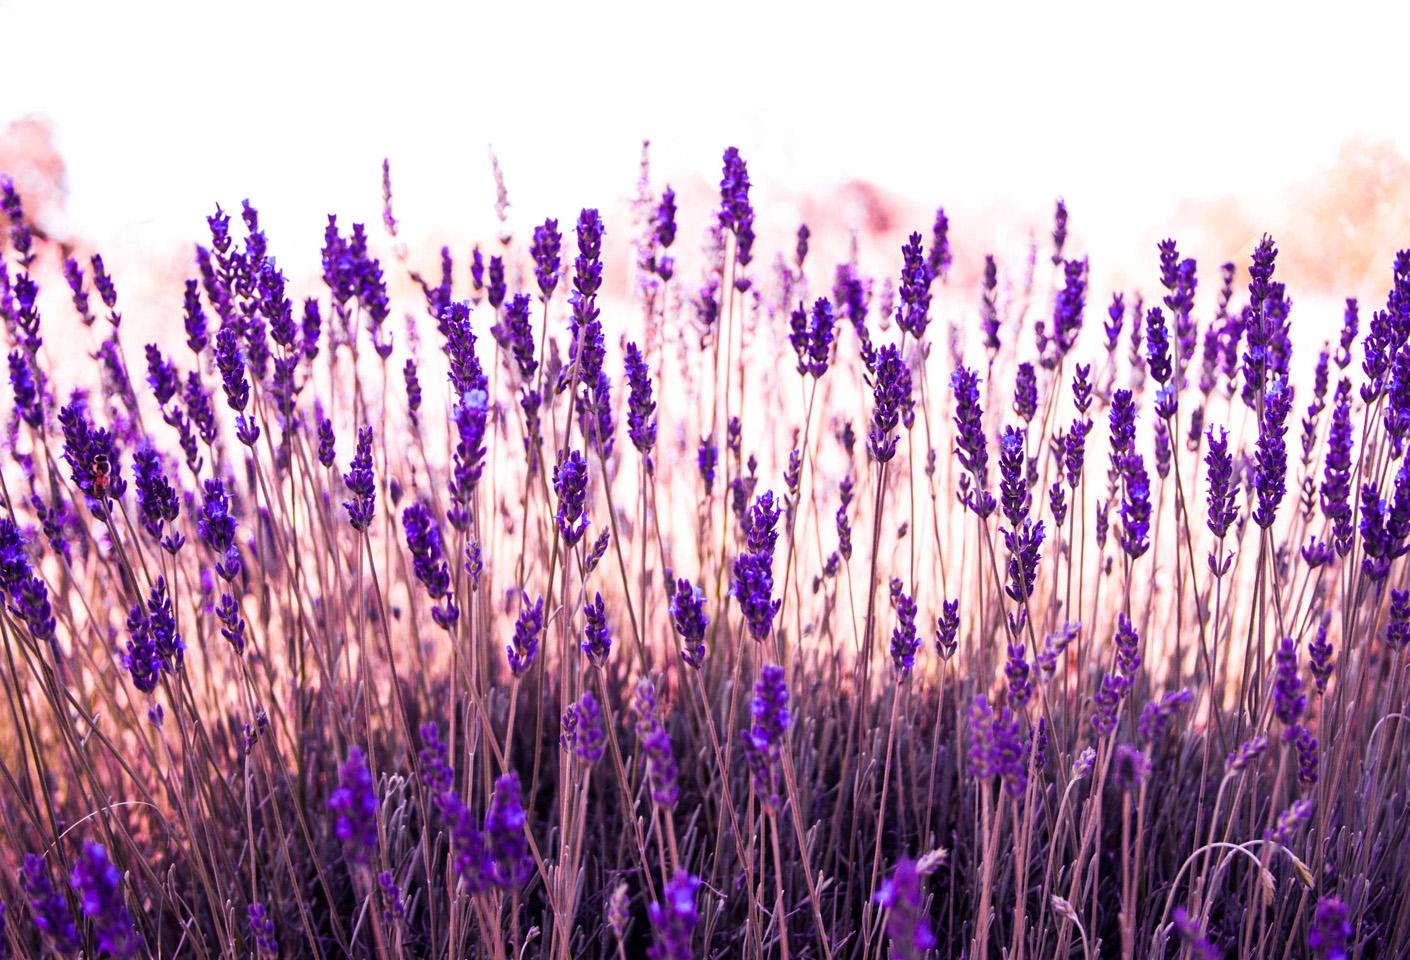 Clairmont Lavender Farm